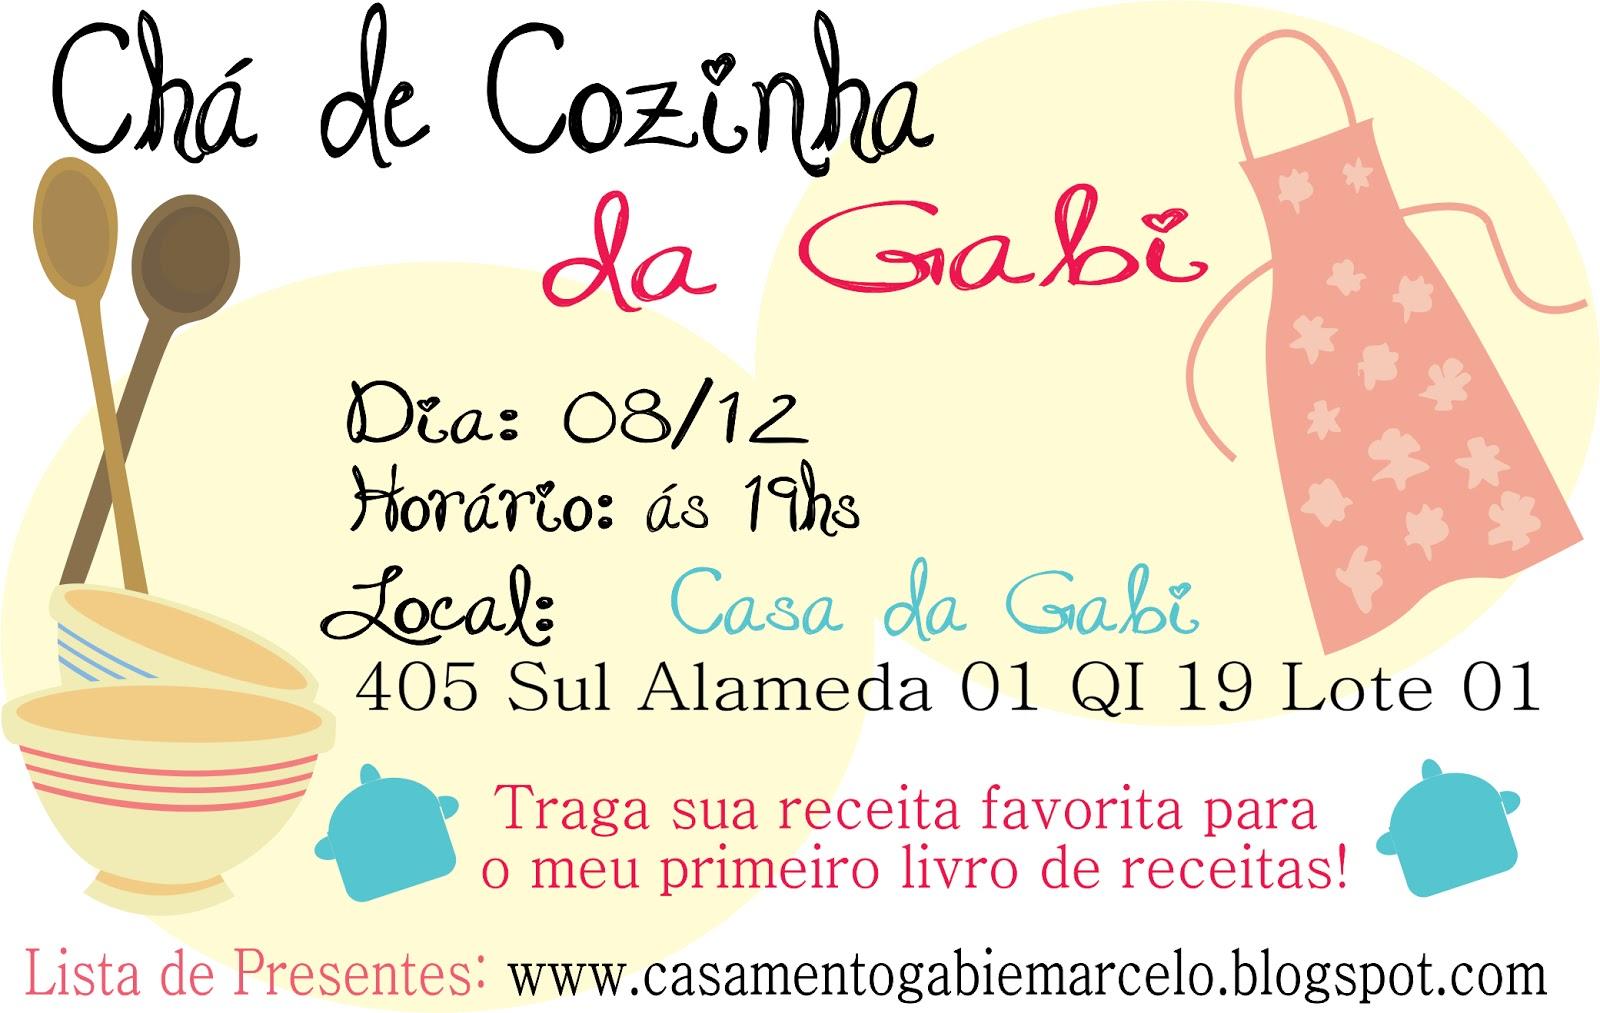 Amado Casamento - Gabriela e Marcelo: Lista de Presentes - Chá de Cozinha AM02